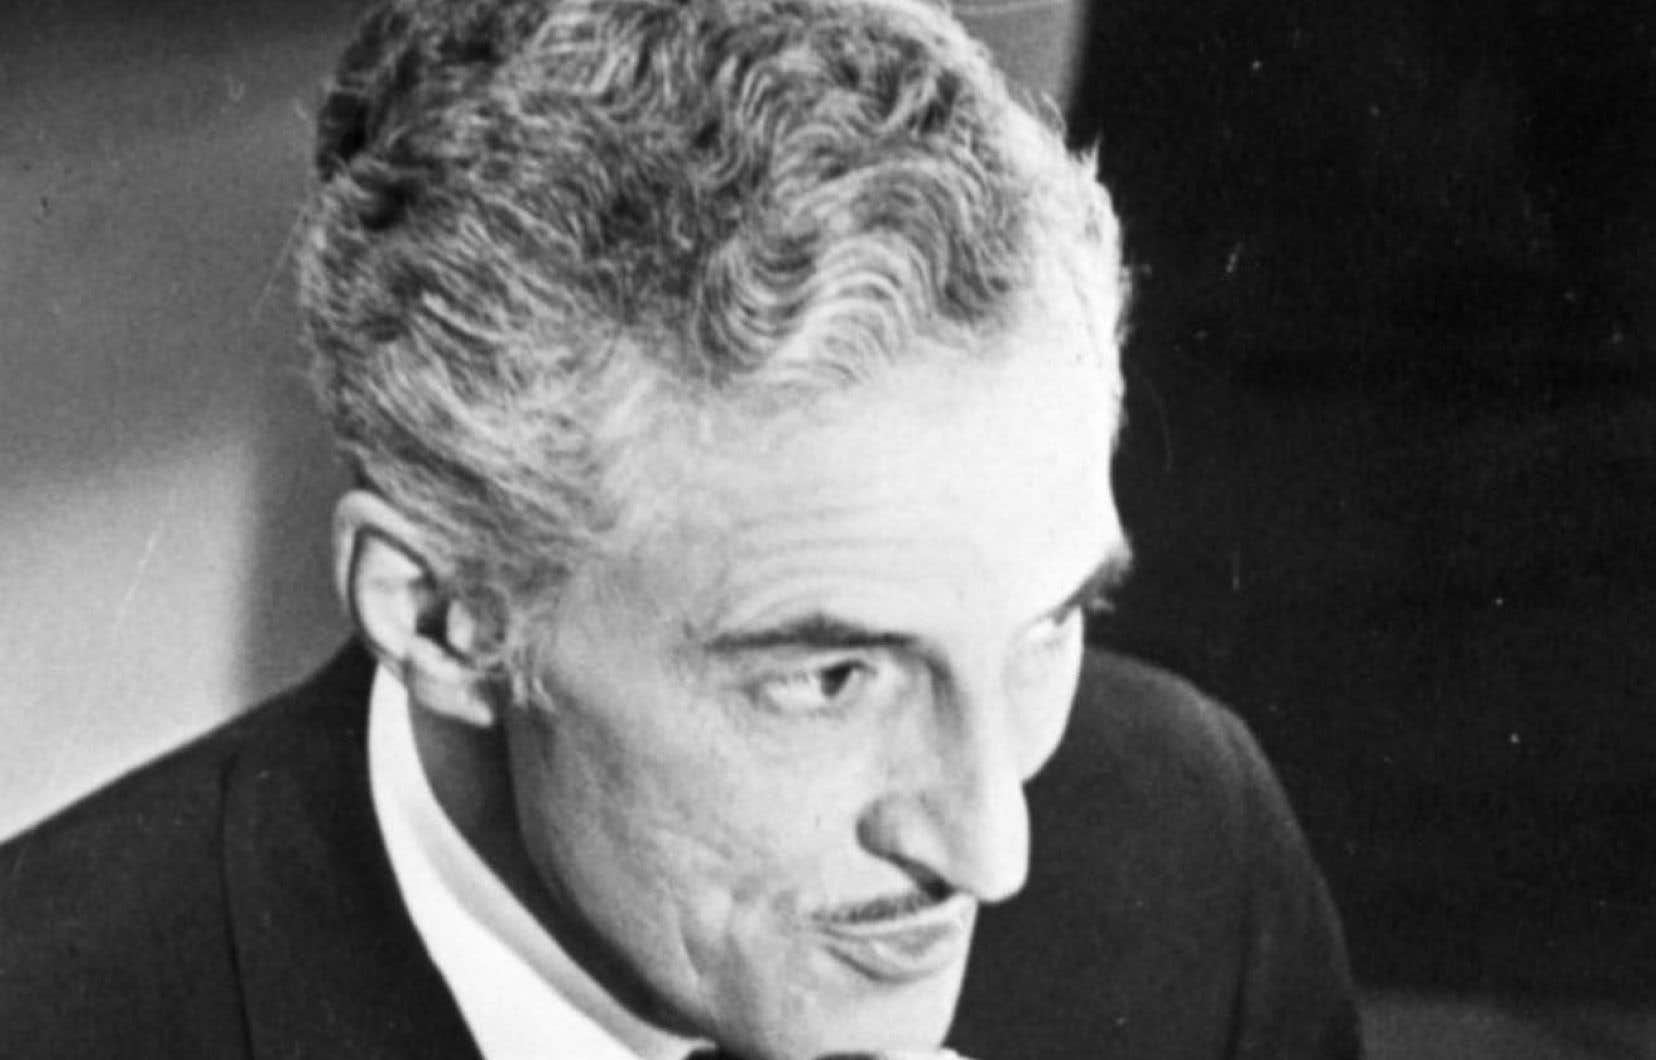 Qui reprocherait à René Lecavalier d'avoir francisé une partie importante du vocabulaire du hockey dans les années 1950? s'interroge l'auteure.